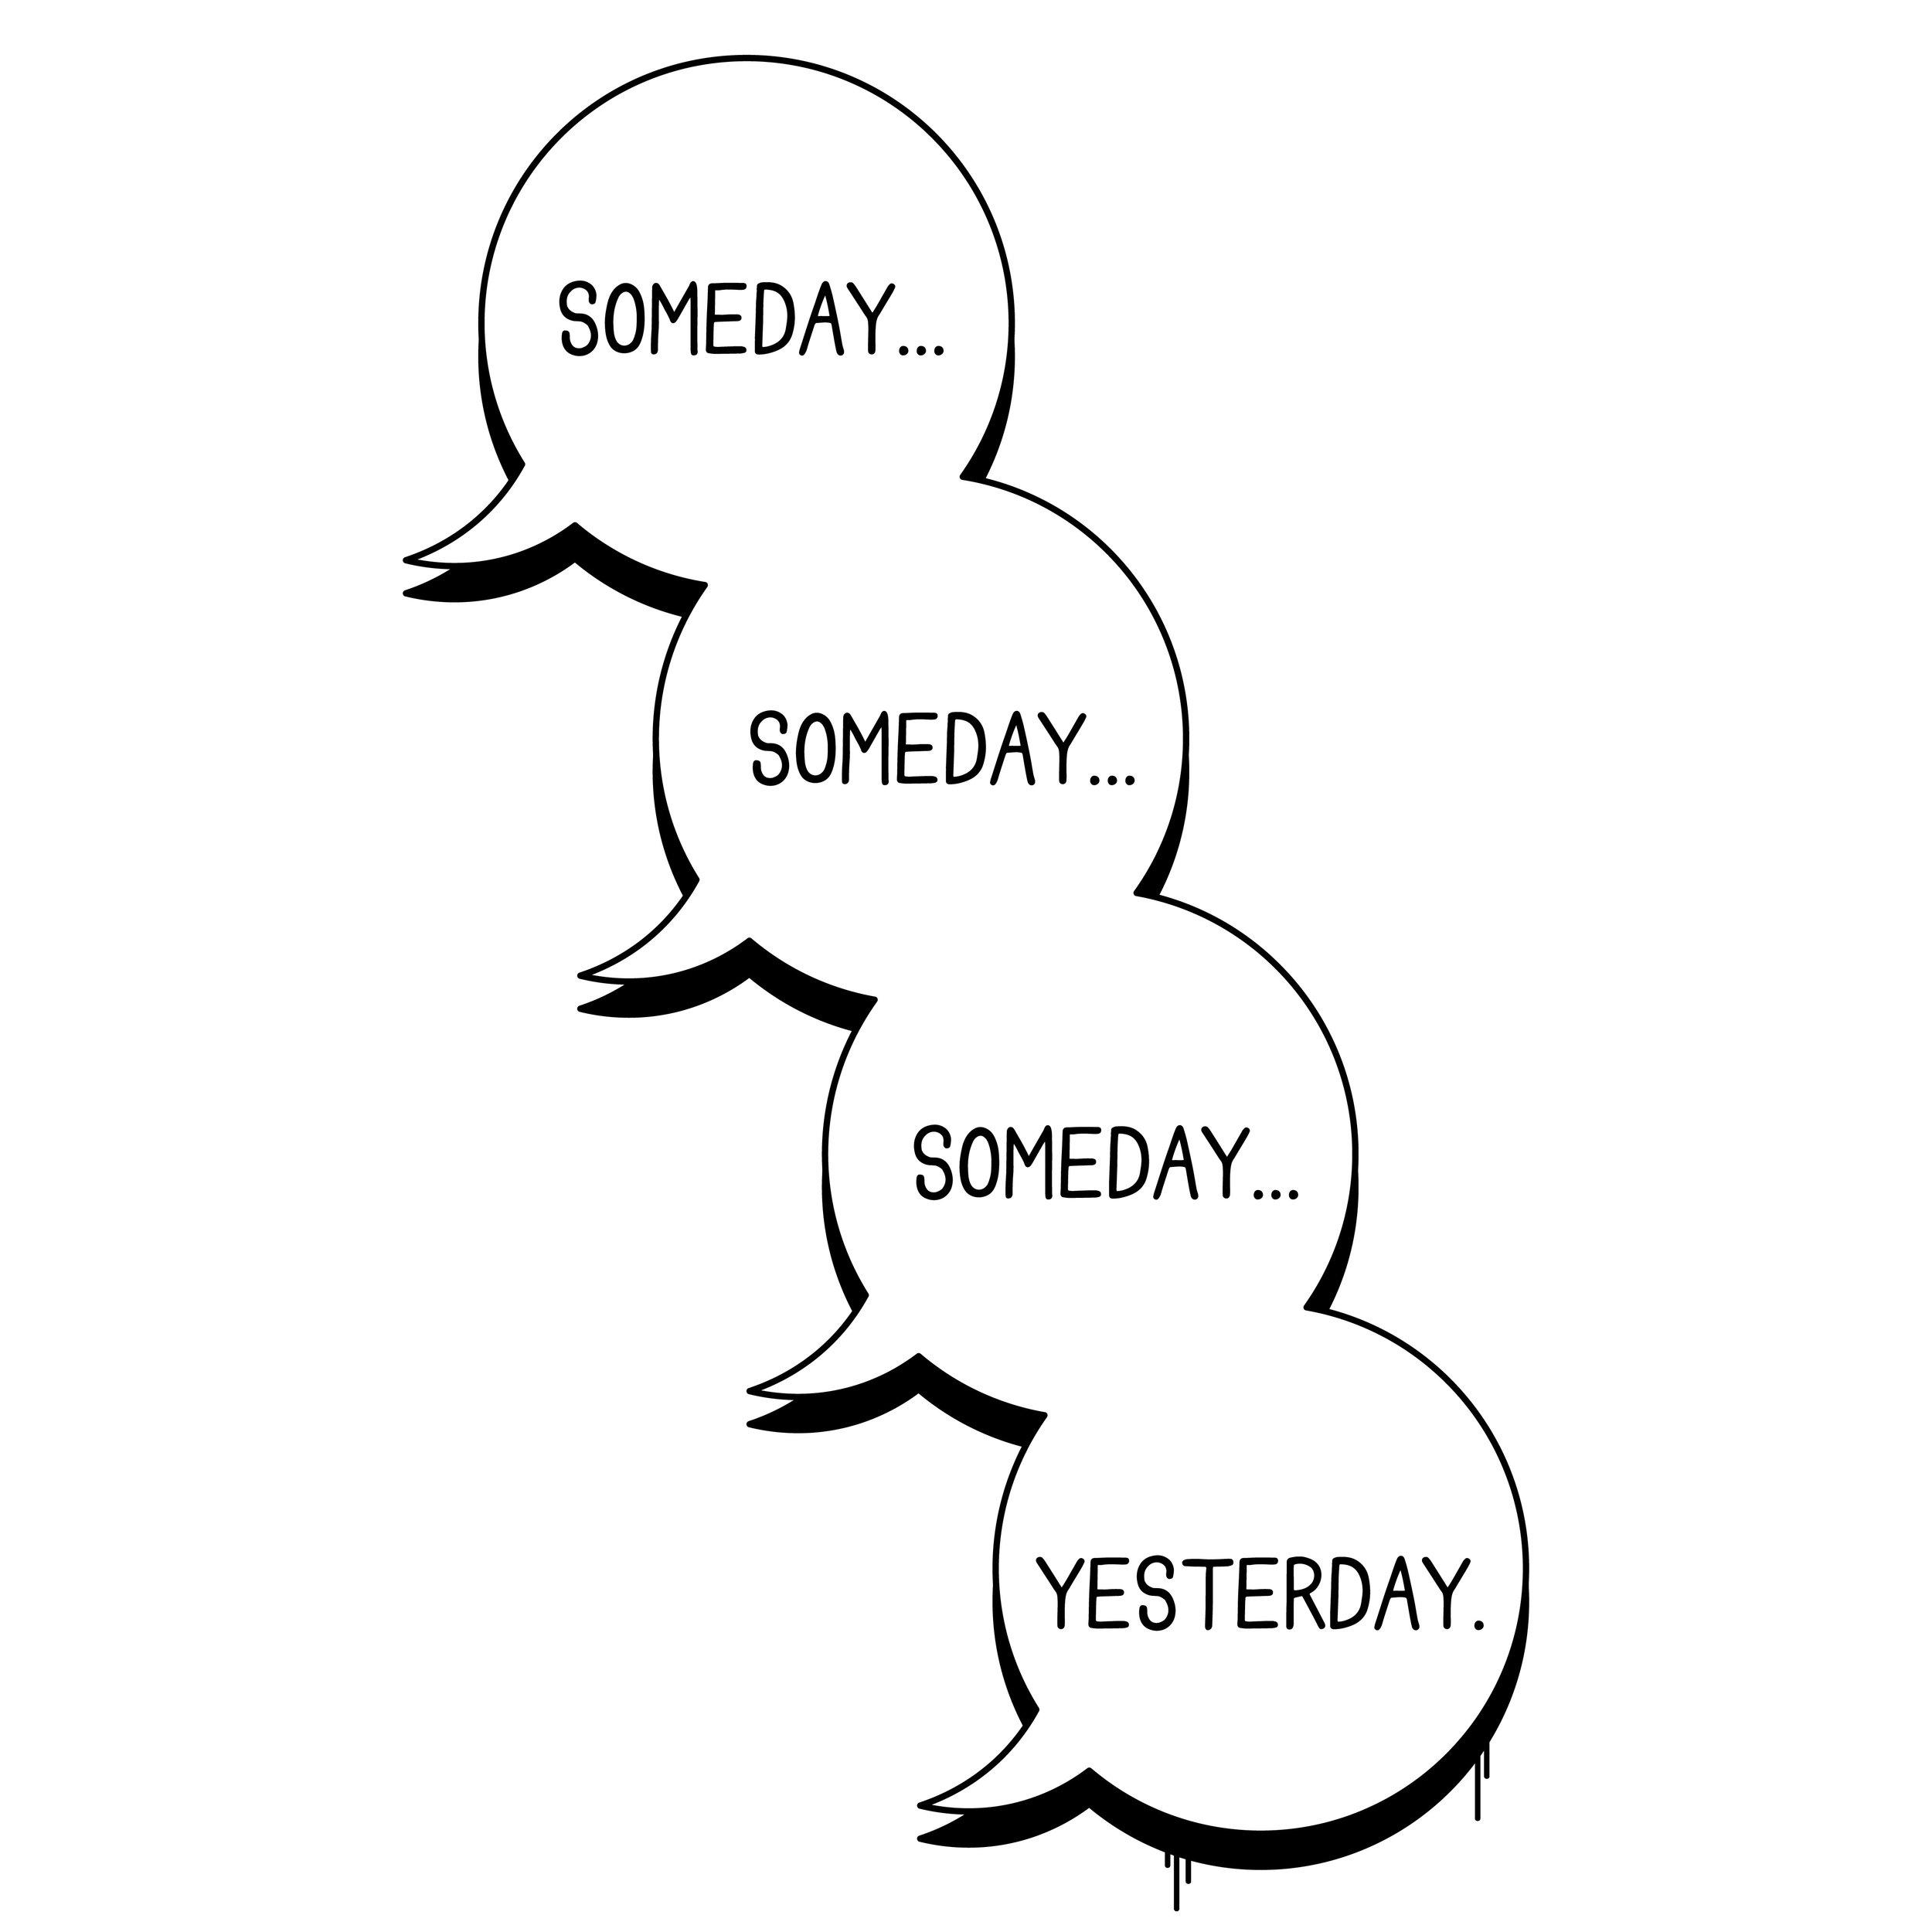 somedayyesterday-01.jpg